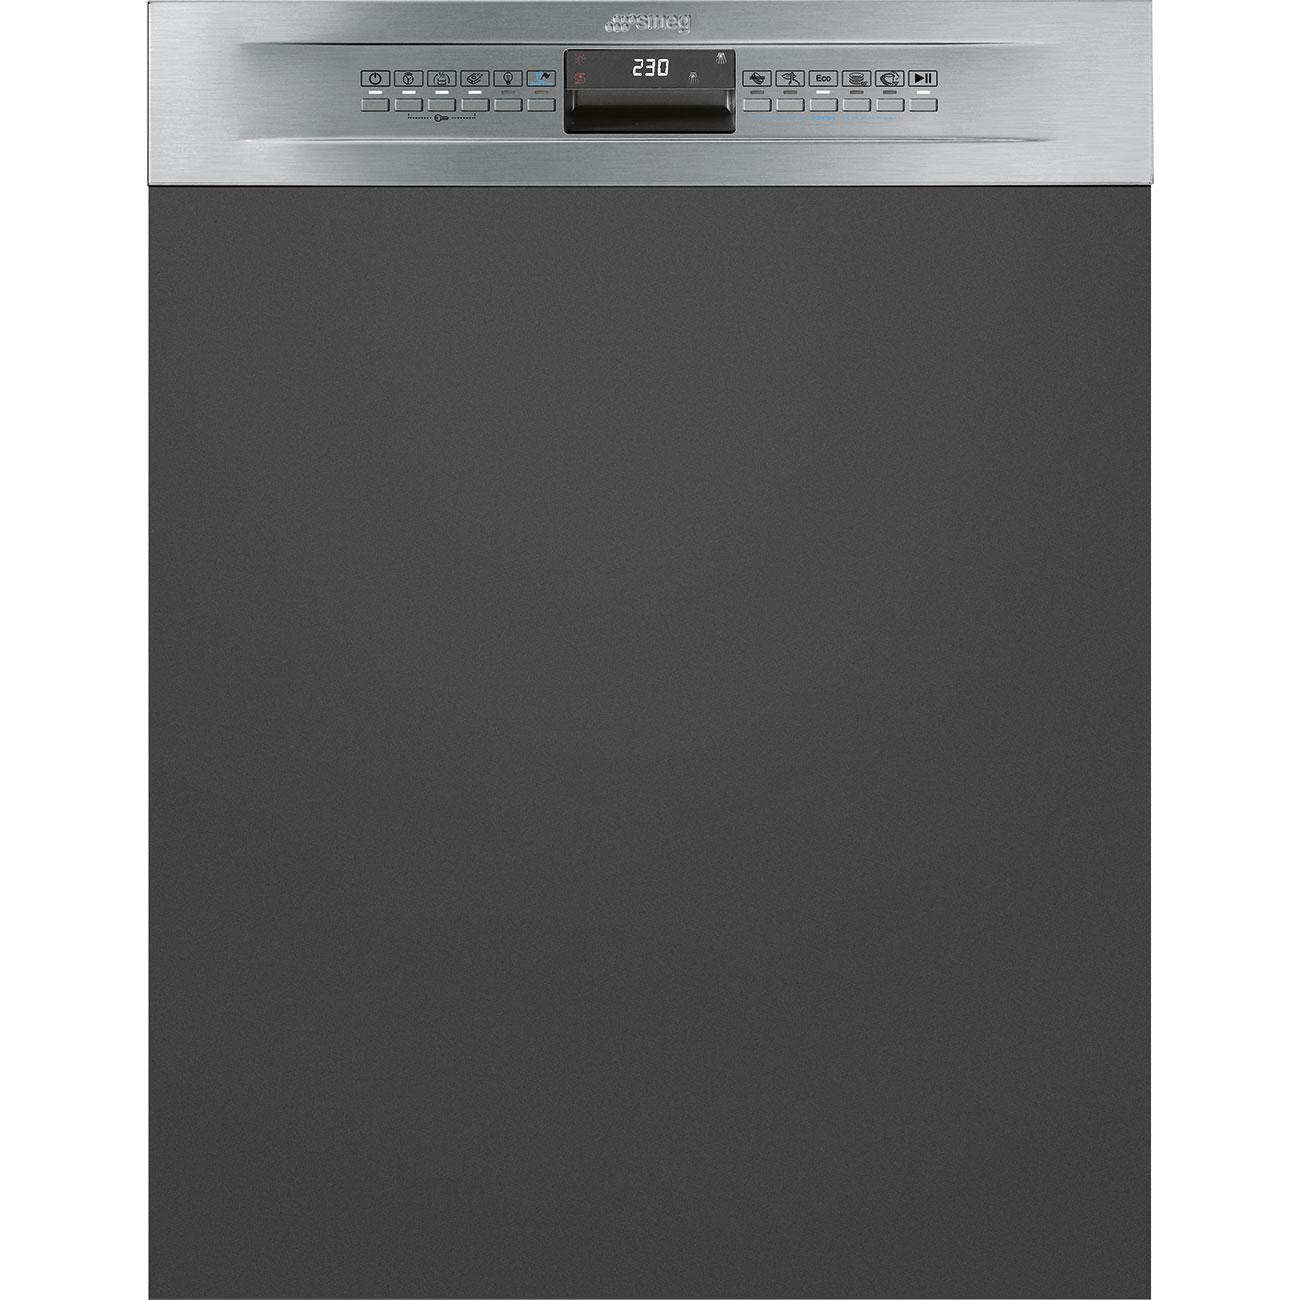 SMEG PL4338XDE Integrierter Geschirrspüler